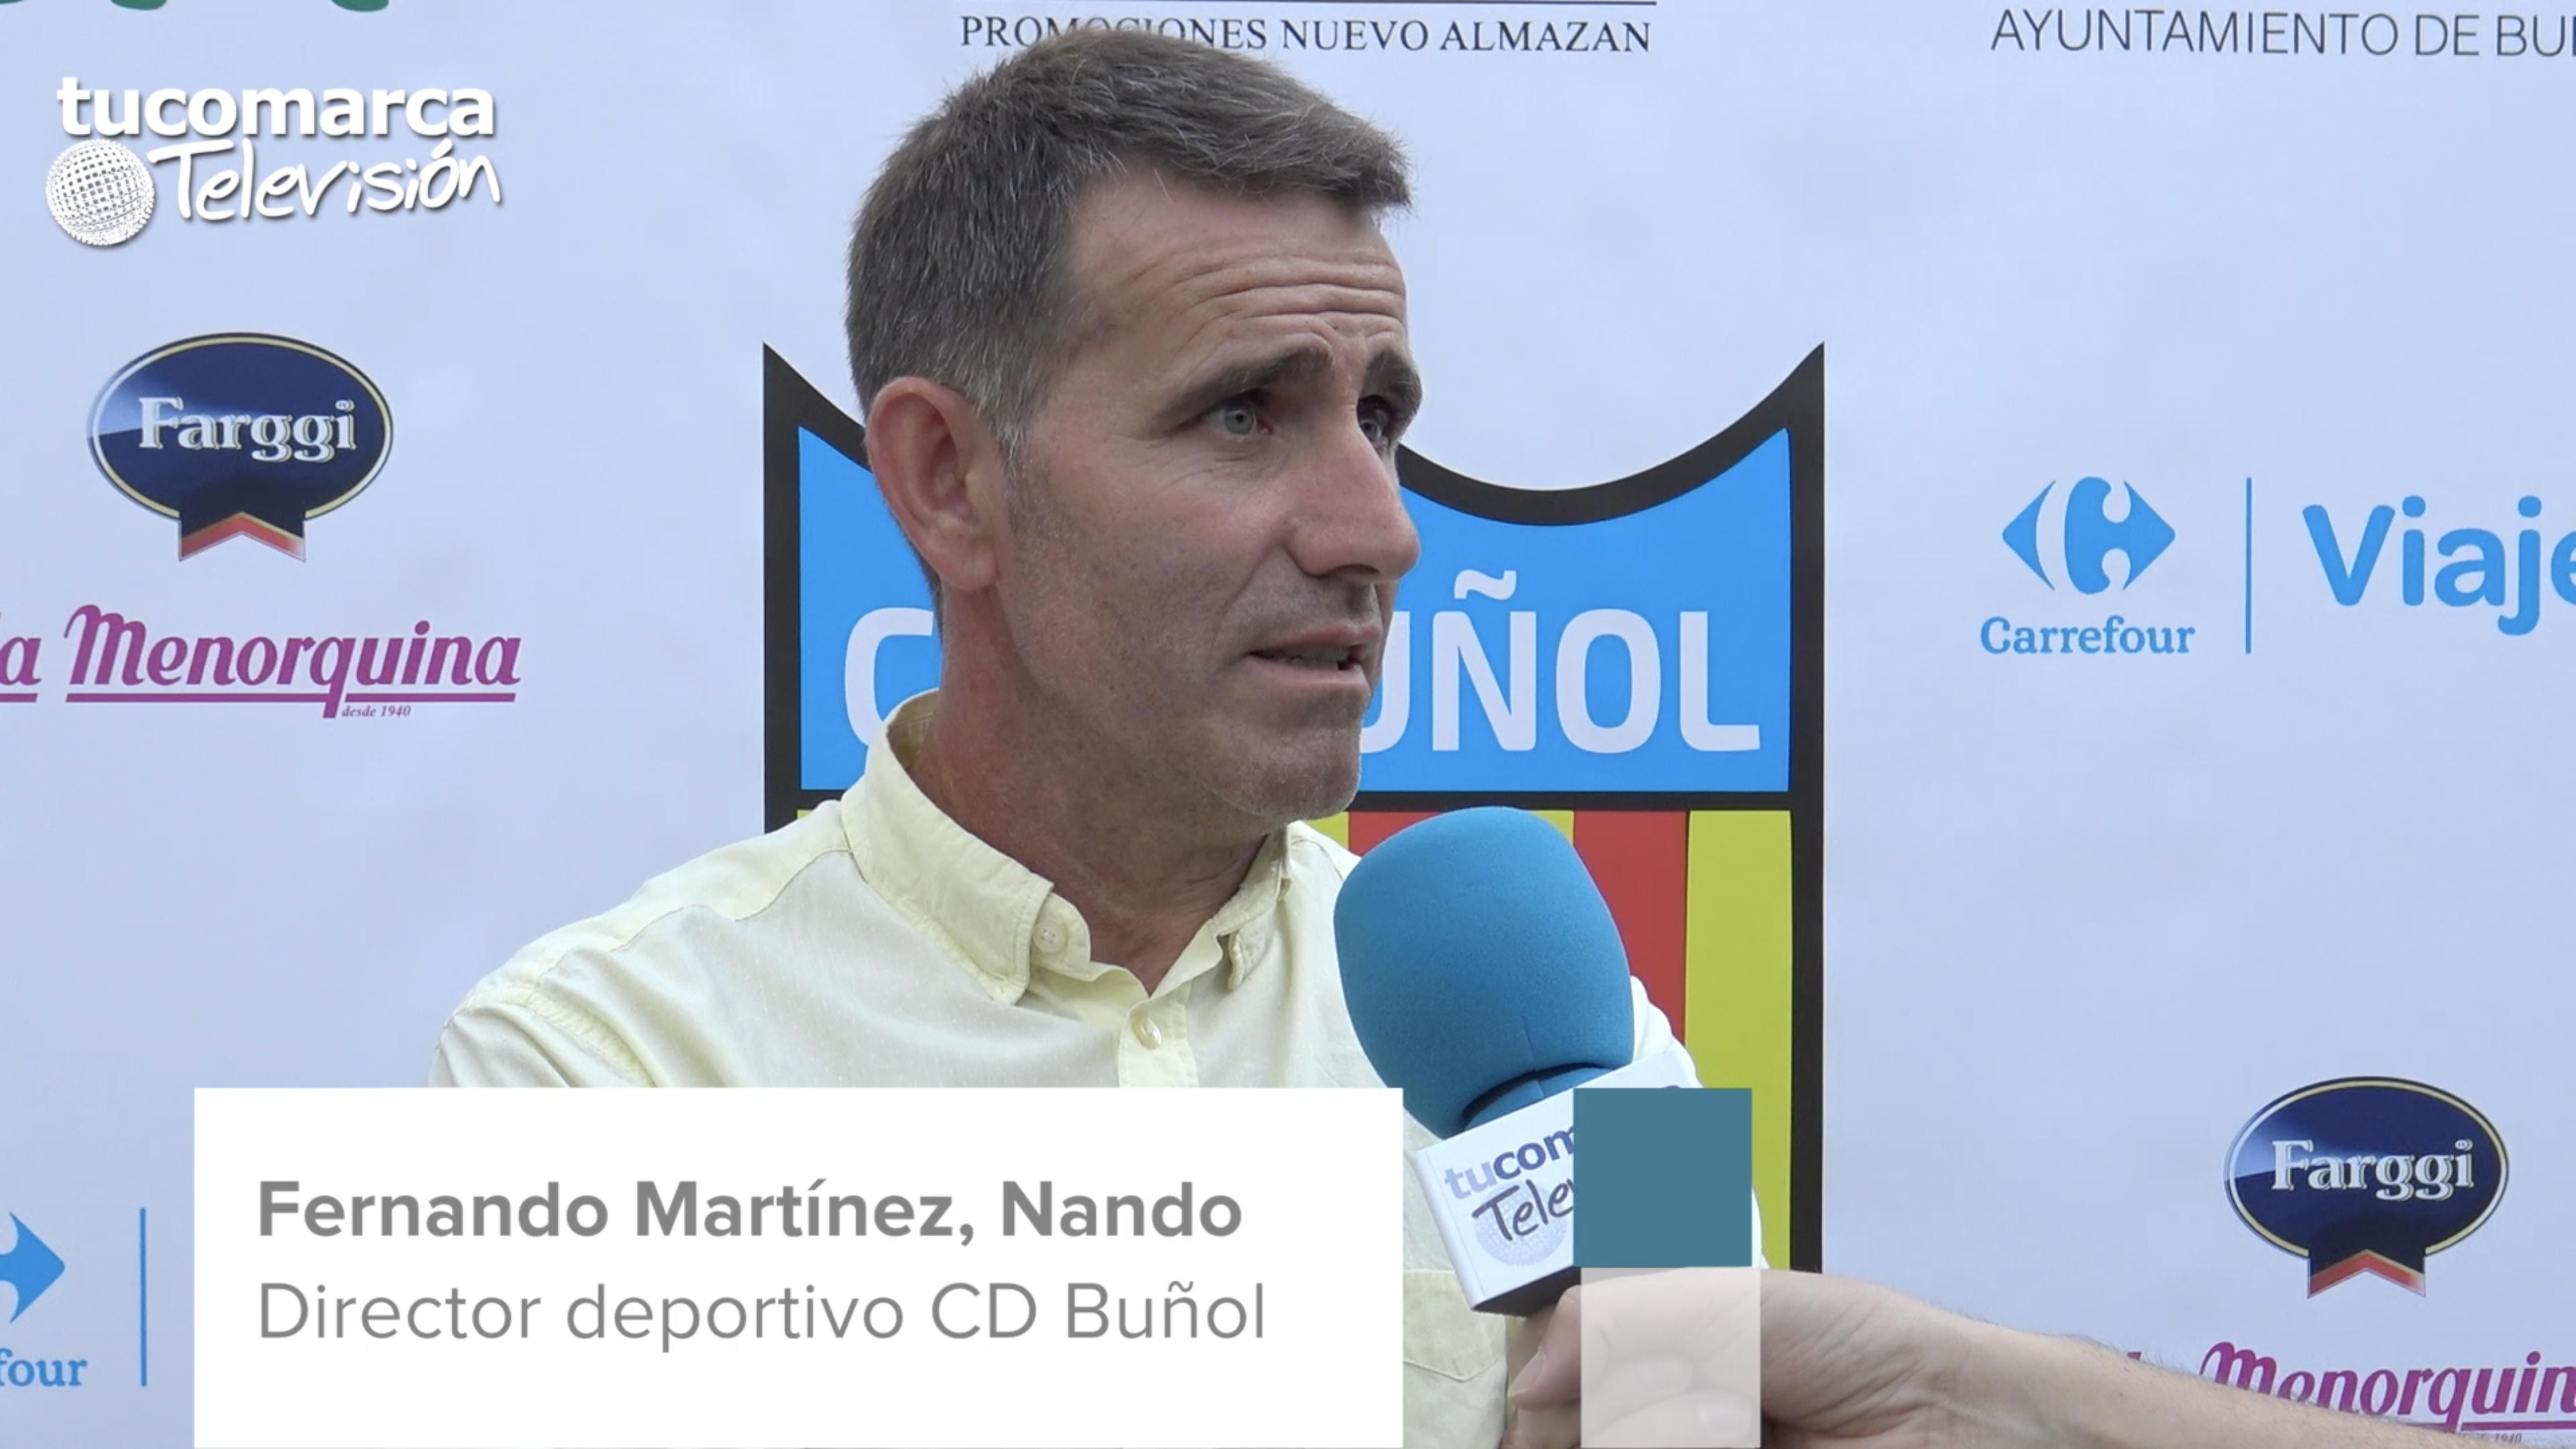 El director deportivo del Club Deportivo Buñol, Fernando Martínez, Nando, durante la entrevista realizada por tucomarca televisión.